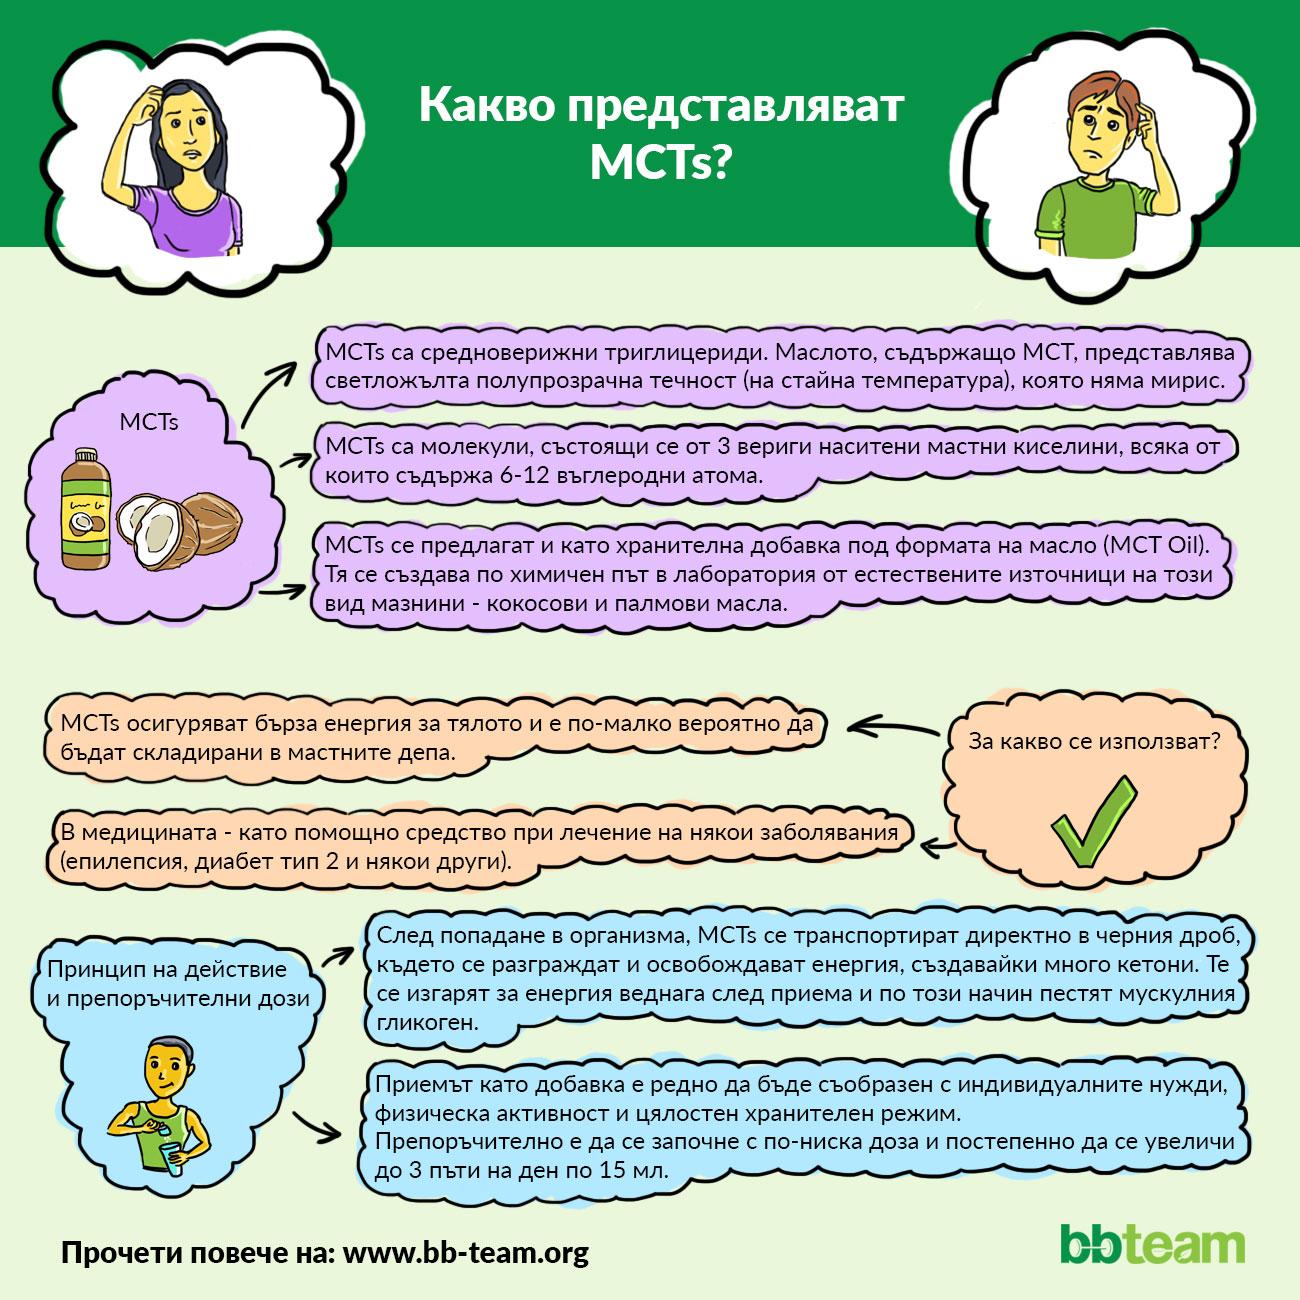 Какво представляват MCTs? [инфографика]